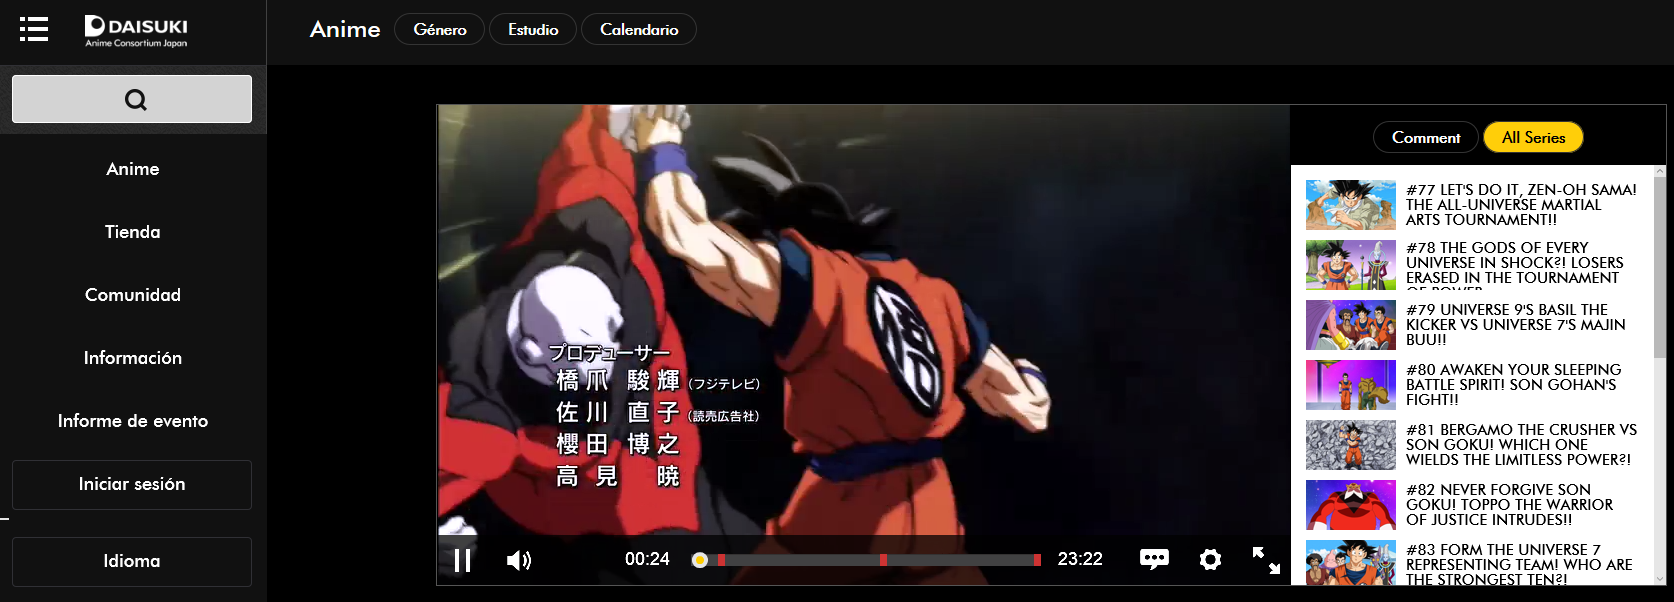 dragon ball super en Daisuki